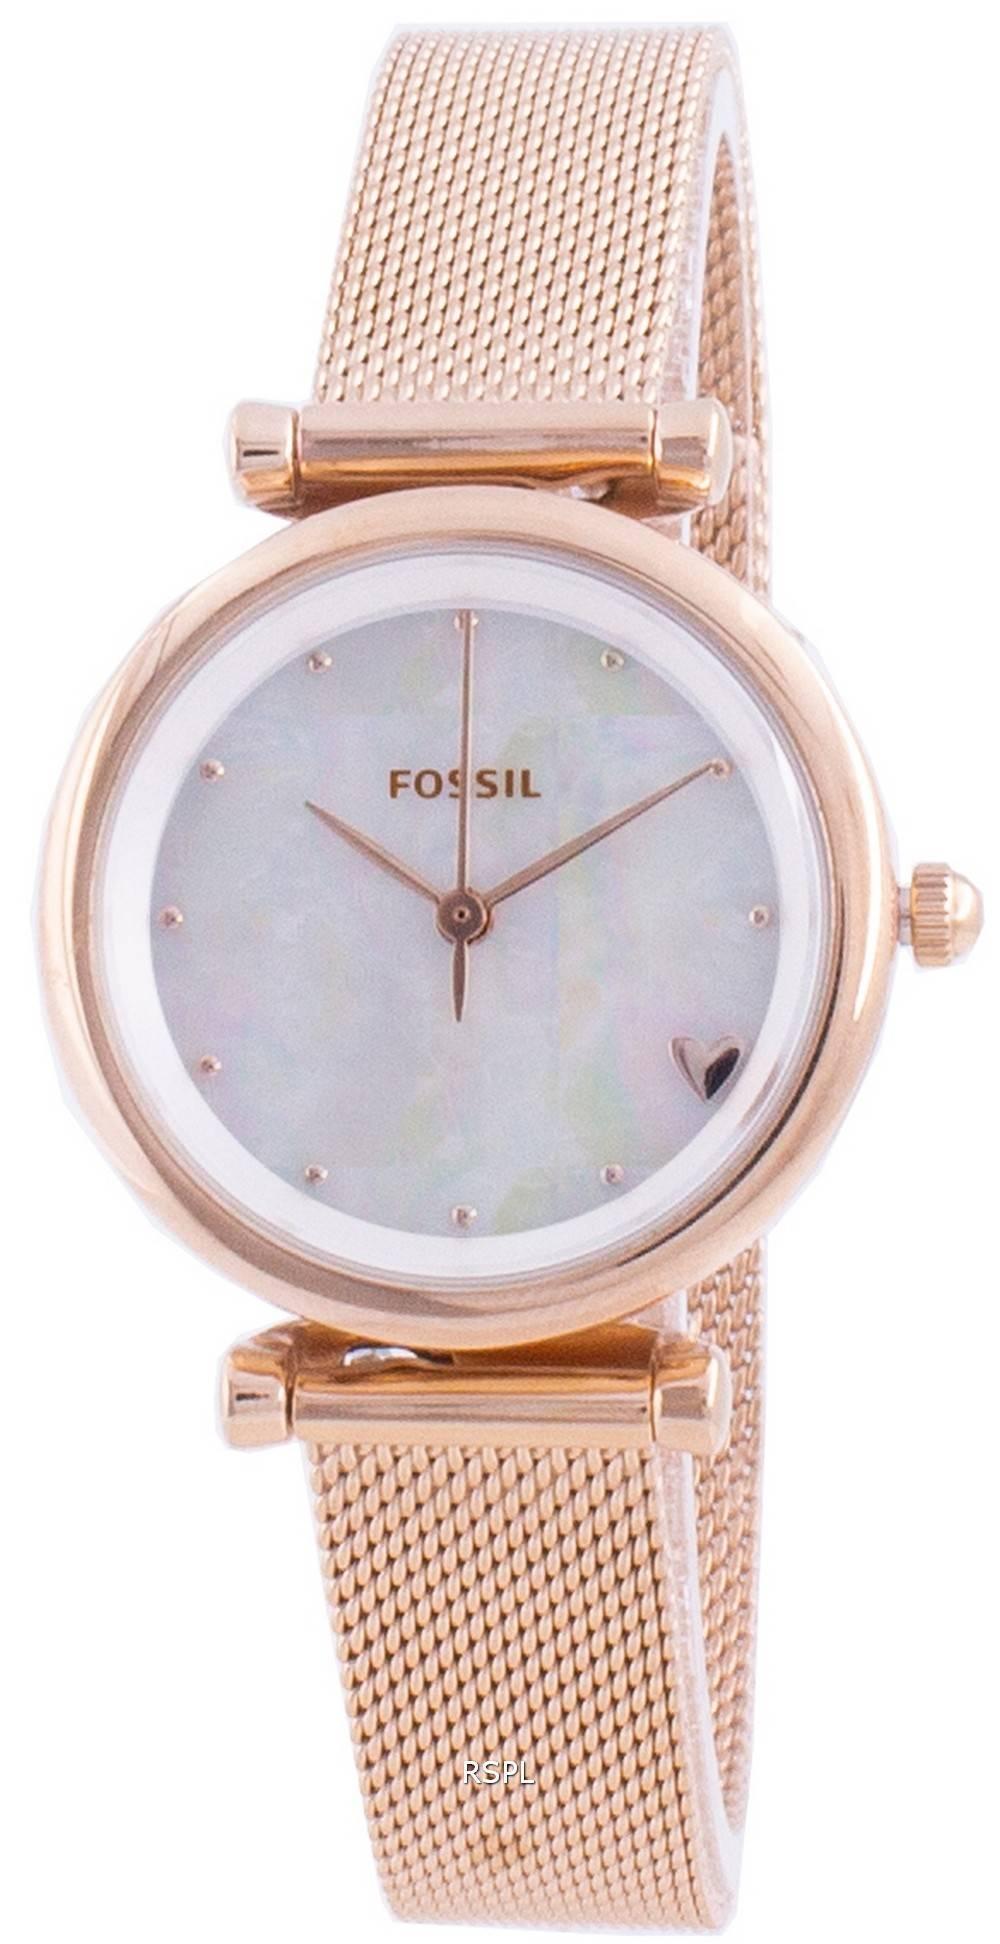 Fossile Carlie Mini ES4505 Quarz Damenuhr